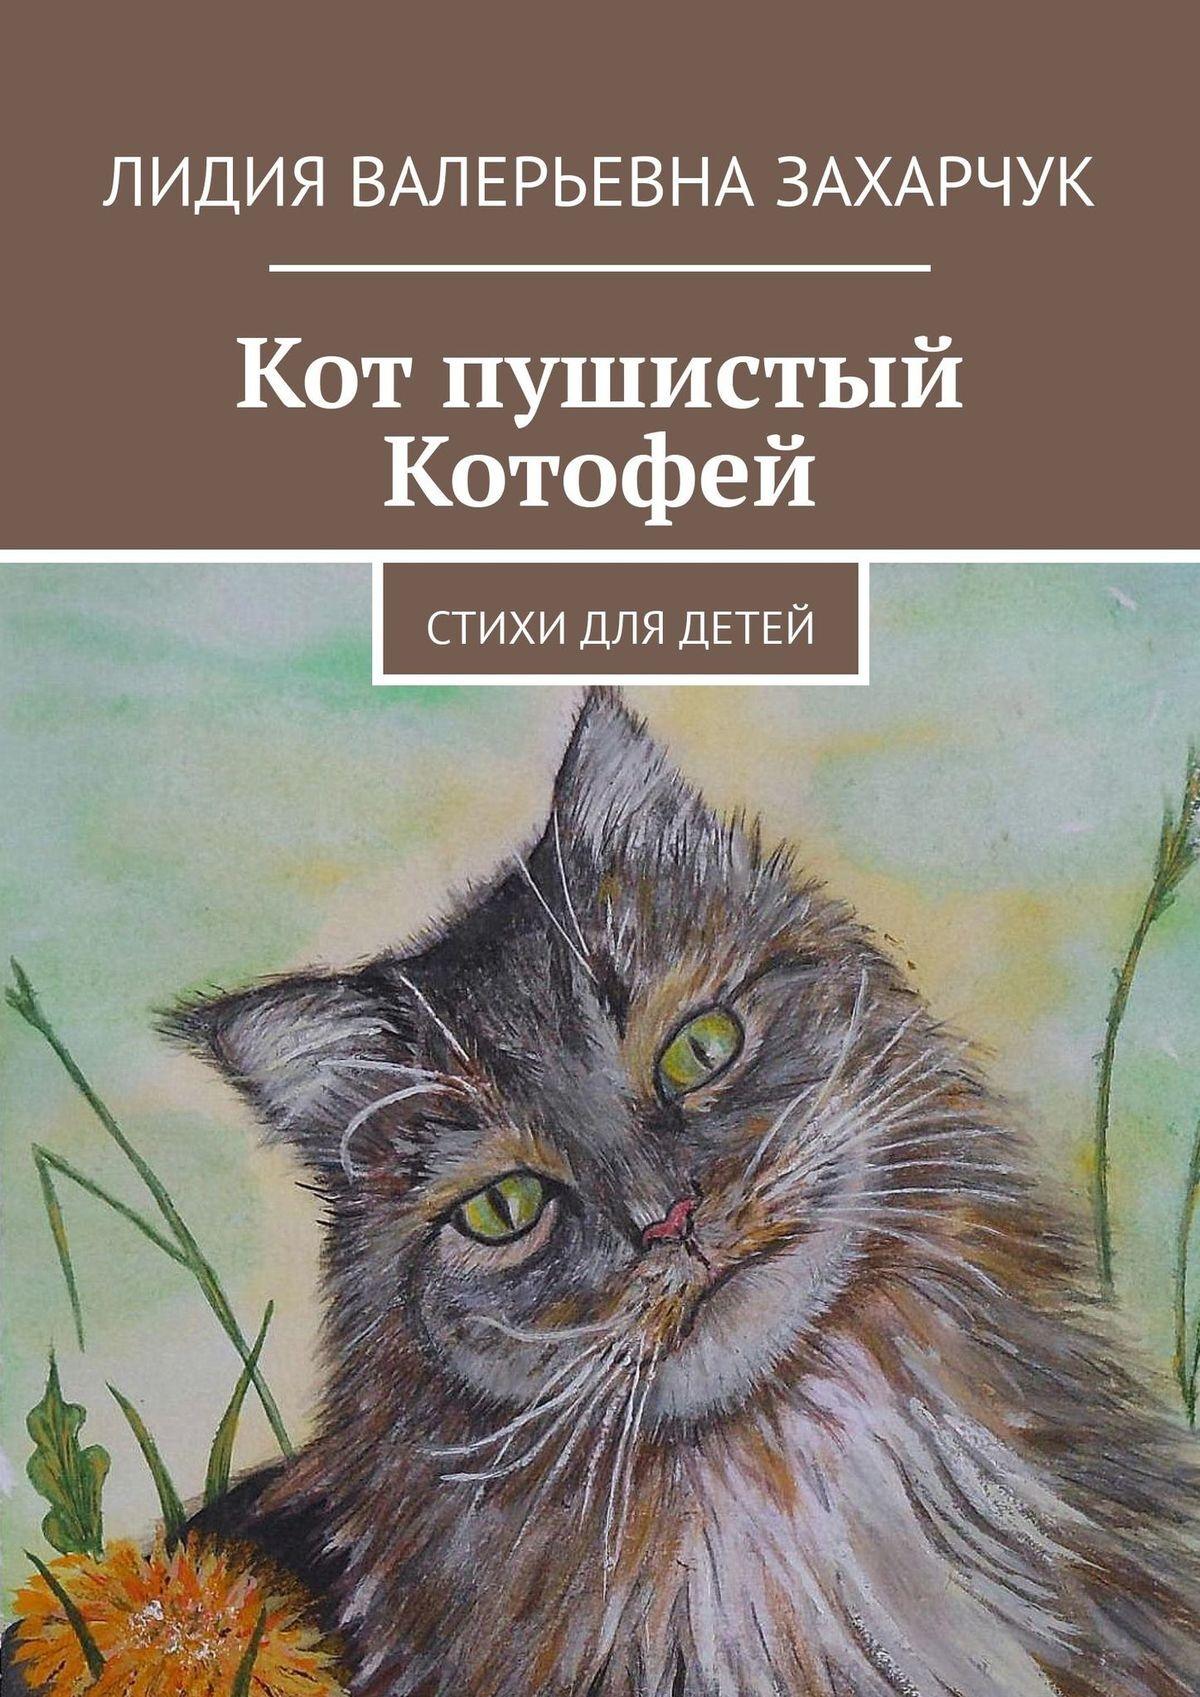 Кот пушистый Котофей. Стихи для детей